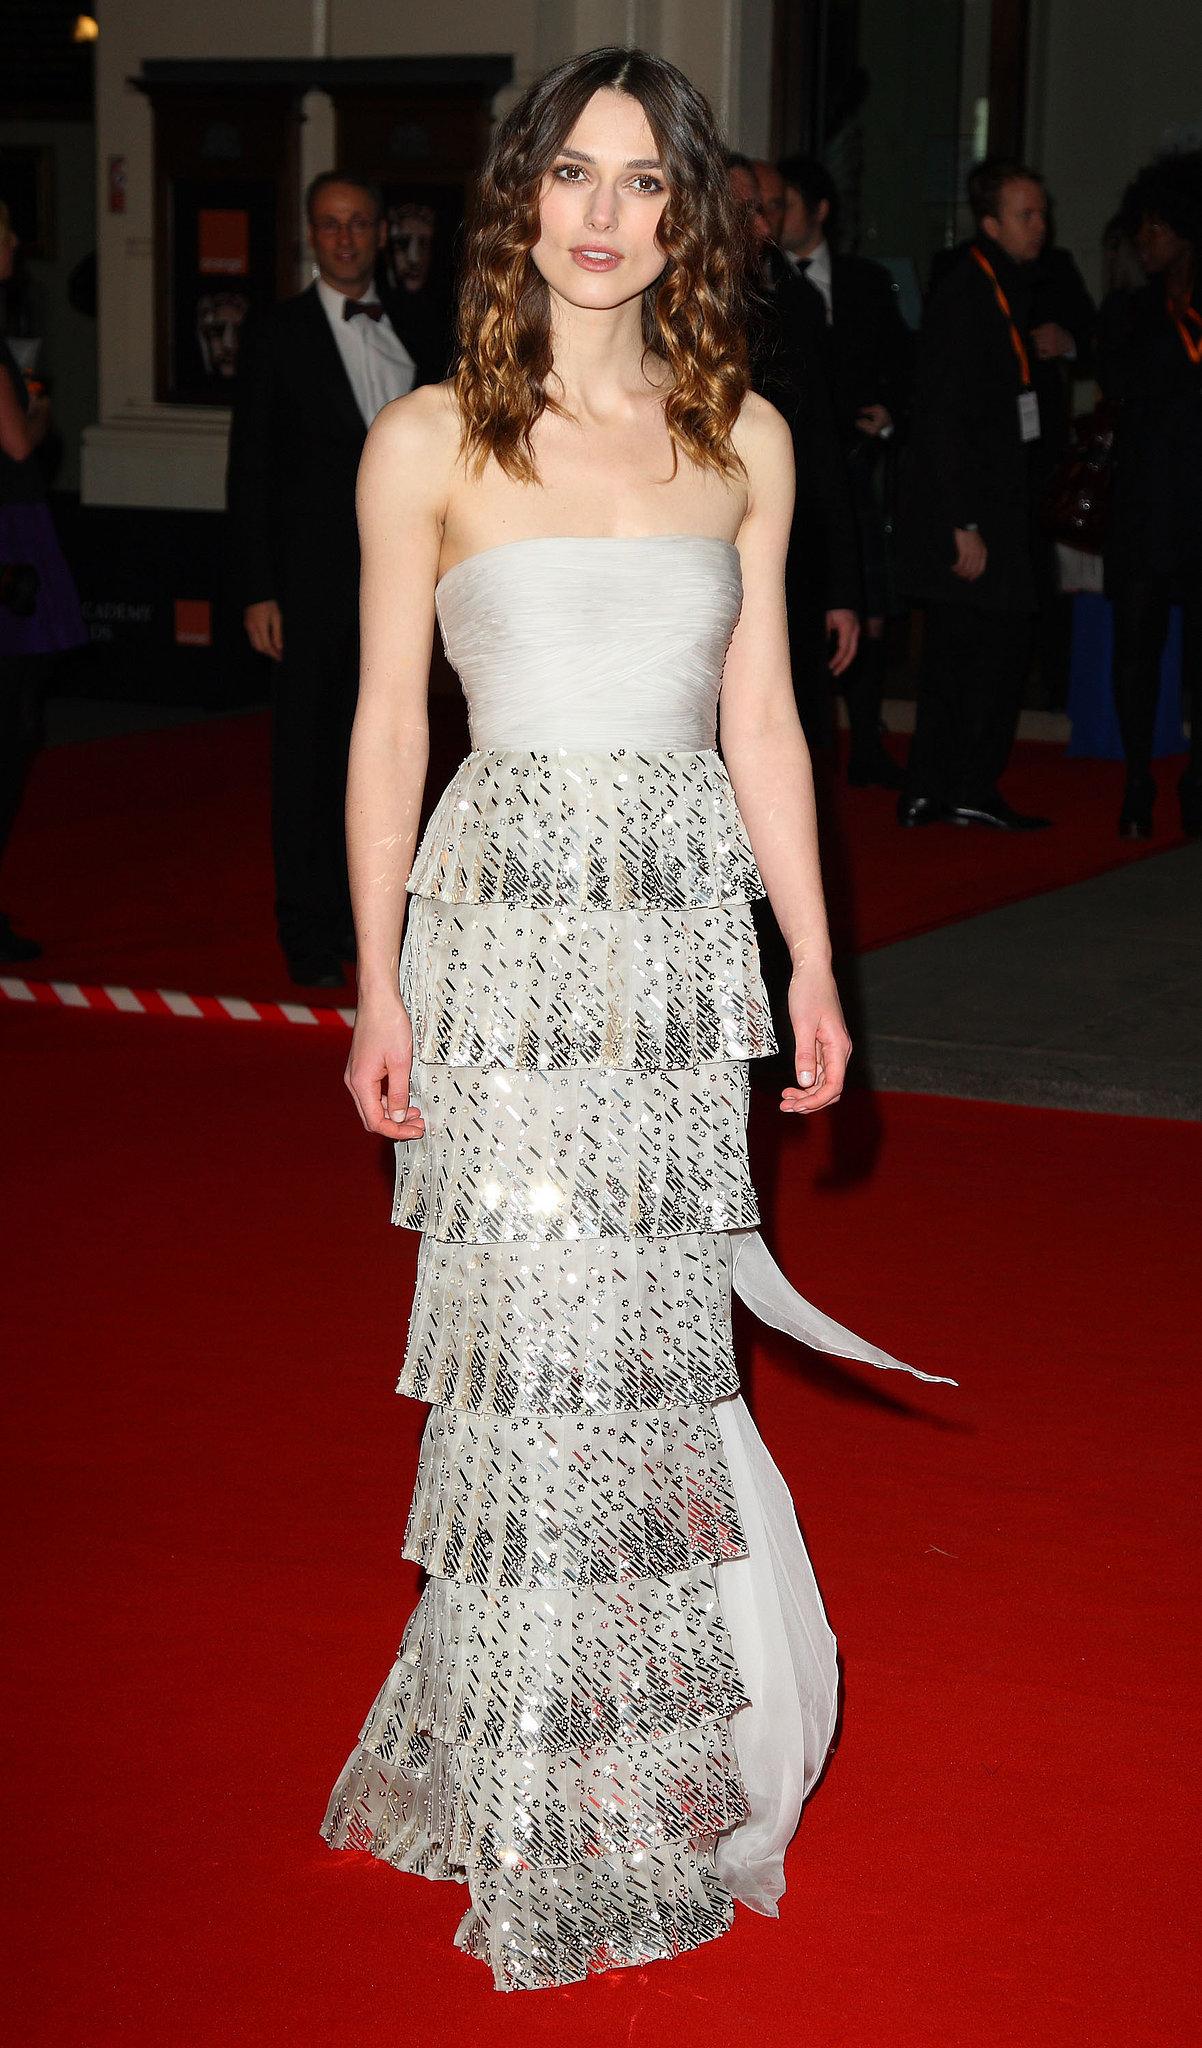 Keira Knightley at the 2008 BAFTAs